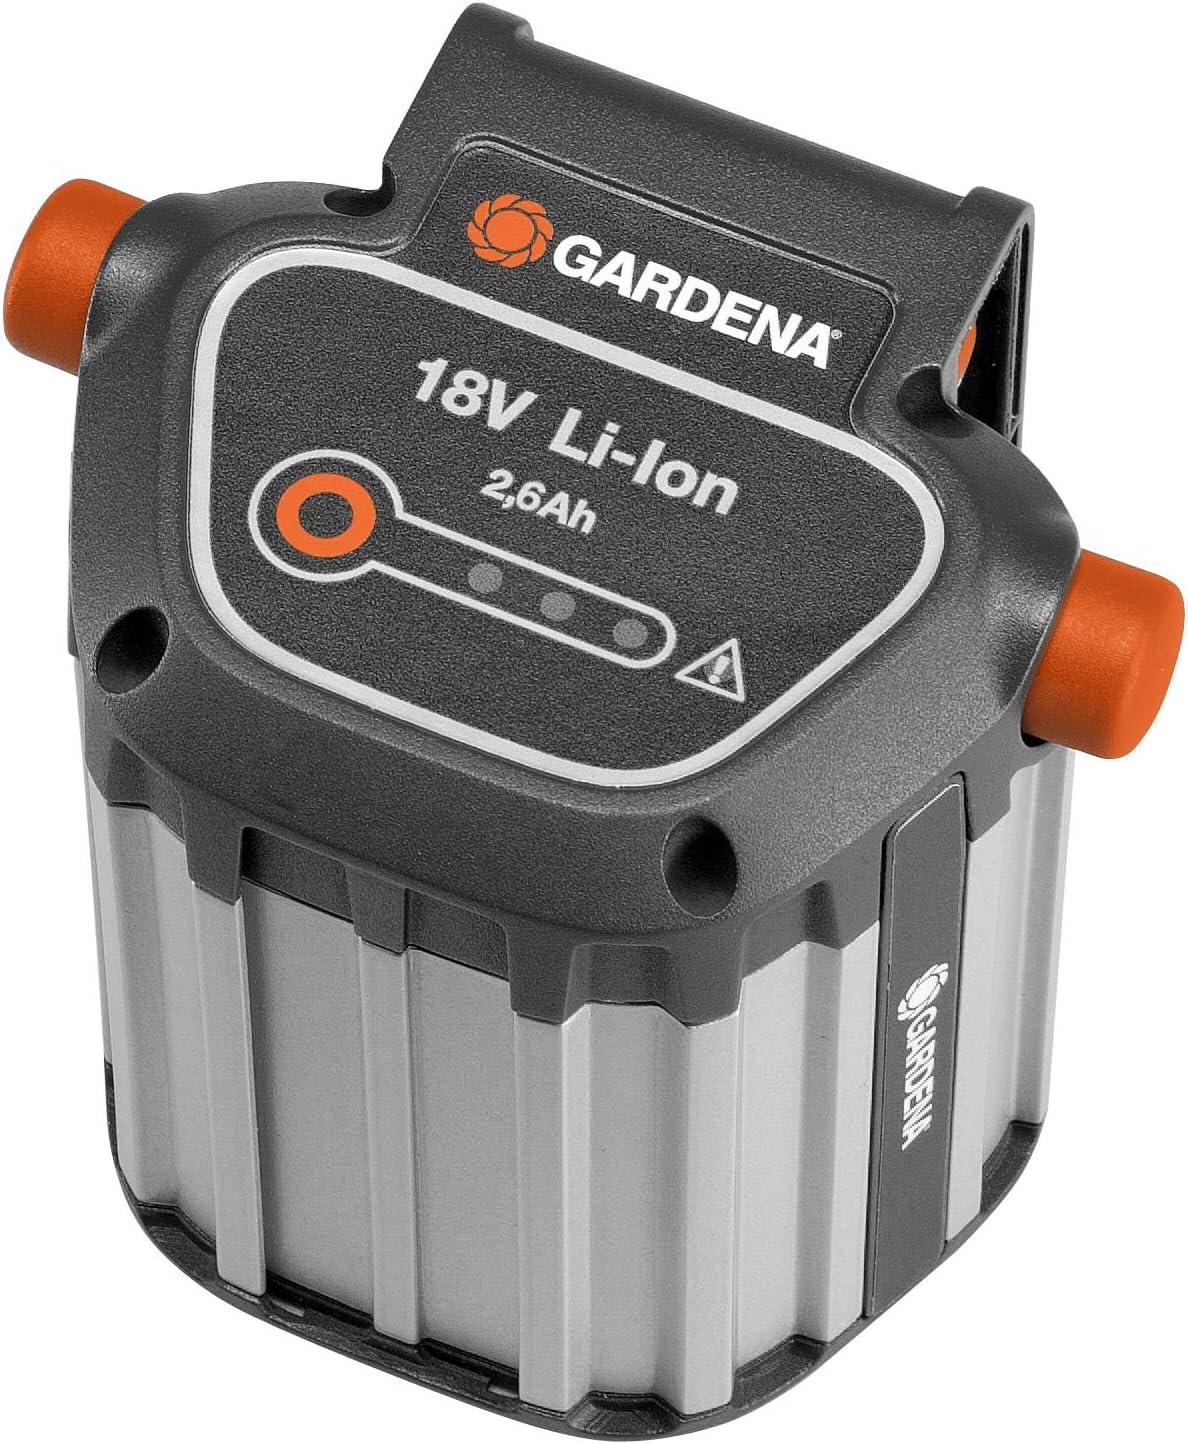 Sistema de batería BLi-18 de GARDENA: accesorio para varias desbrozadoras, sopladores y tijeras cortasetos de GARDENA, 18 V, capacidad de 2,6 Ah, indicador LED del estado de carga (9839-20)